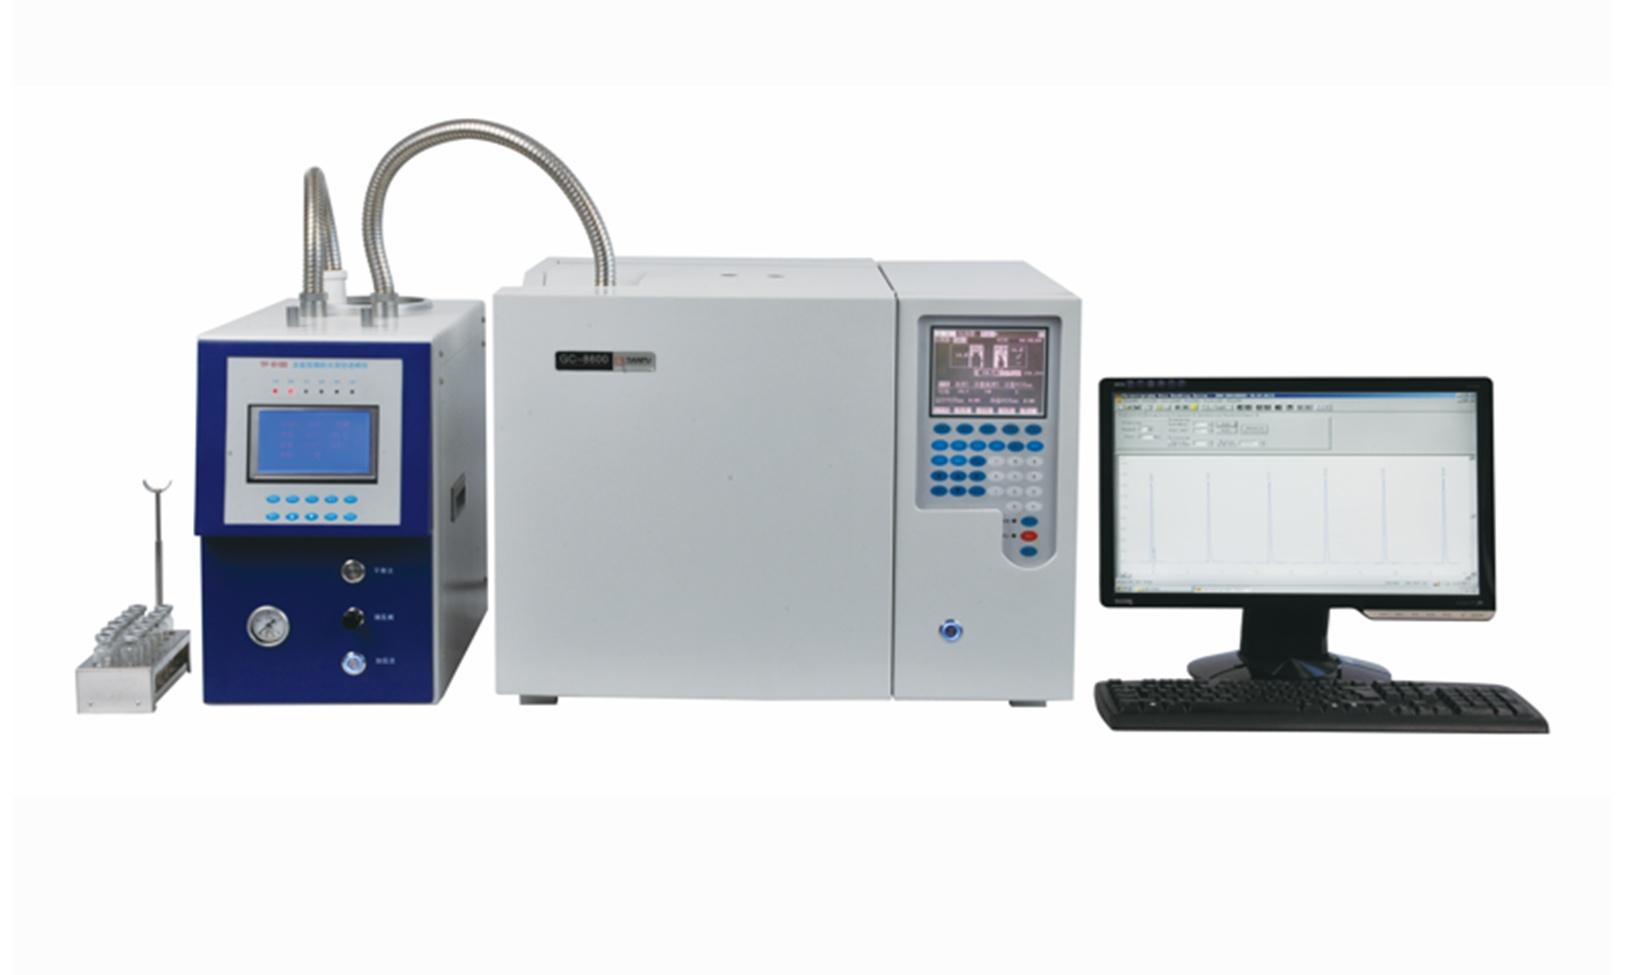 四平市环境保护监测站气相色谱仪等设备采购项目公开招标